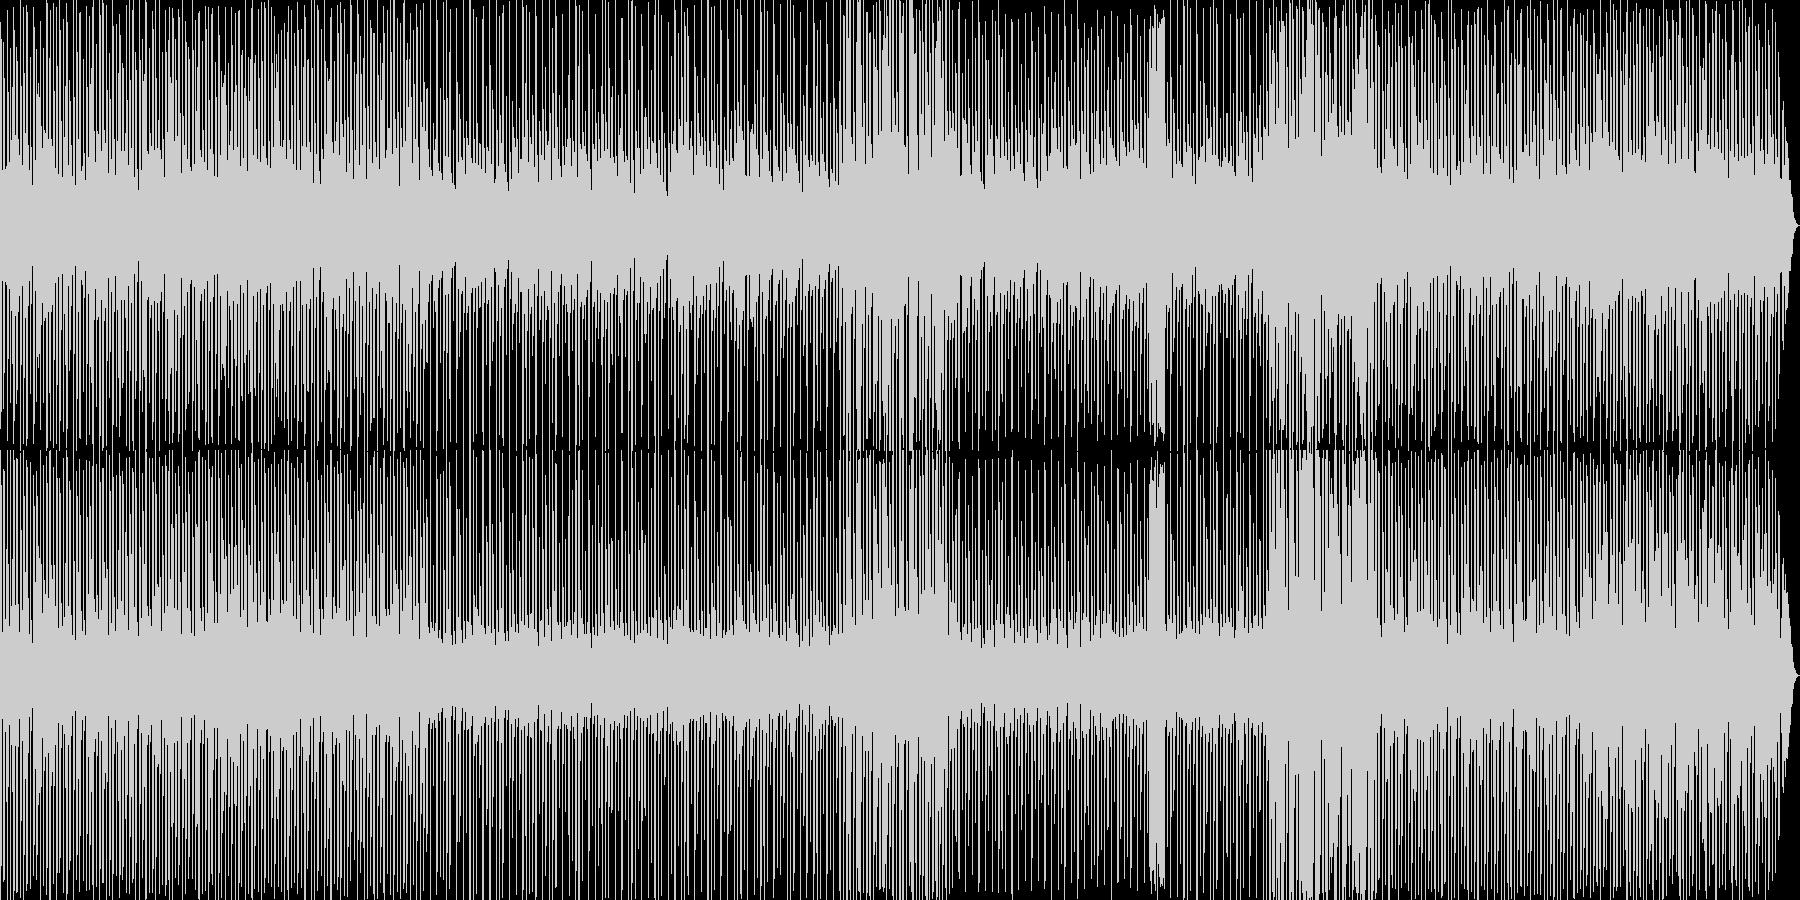 ゲーム風の音楽ですの未再生の波形